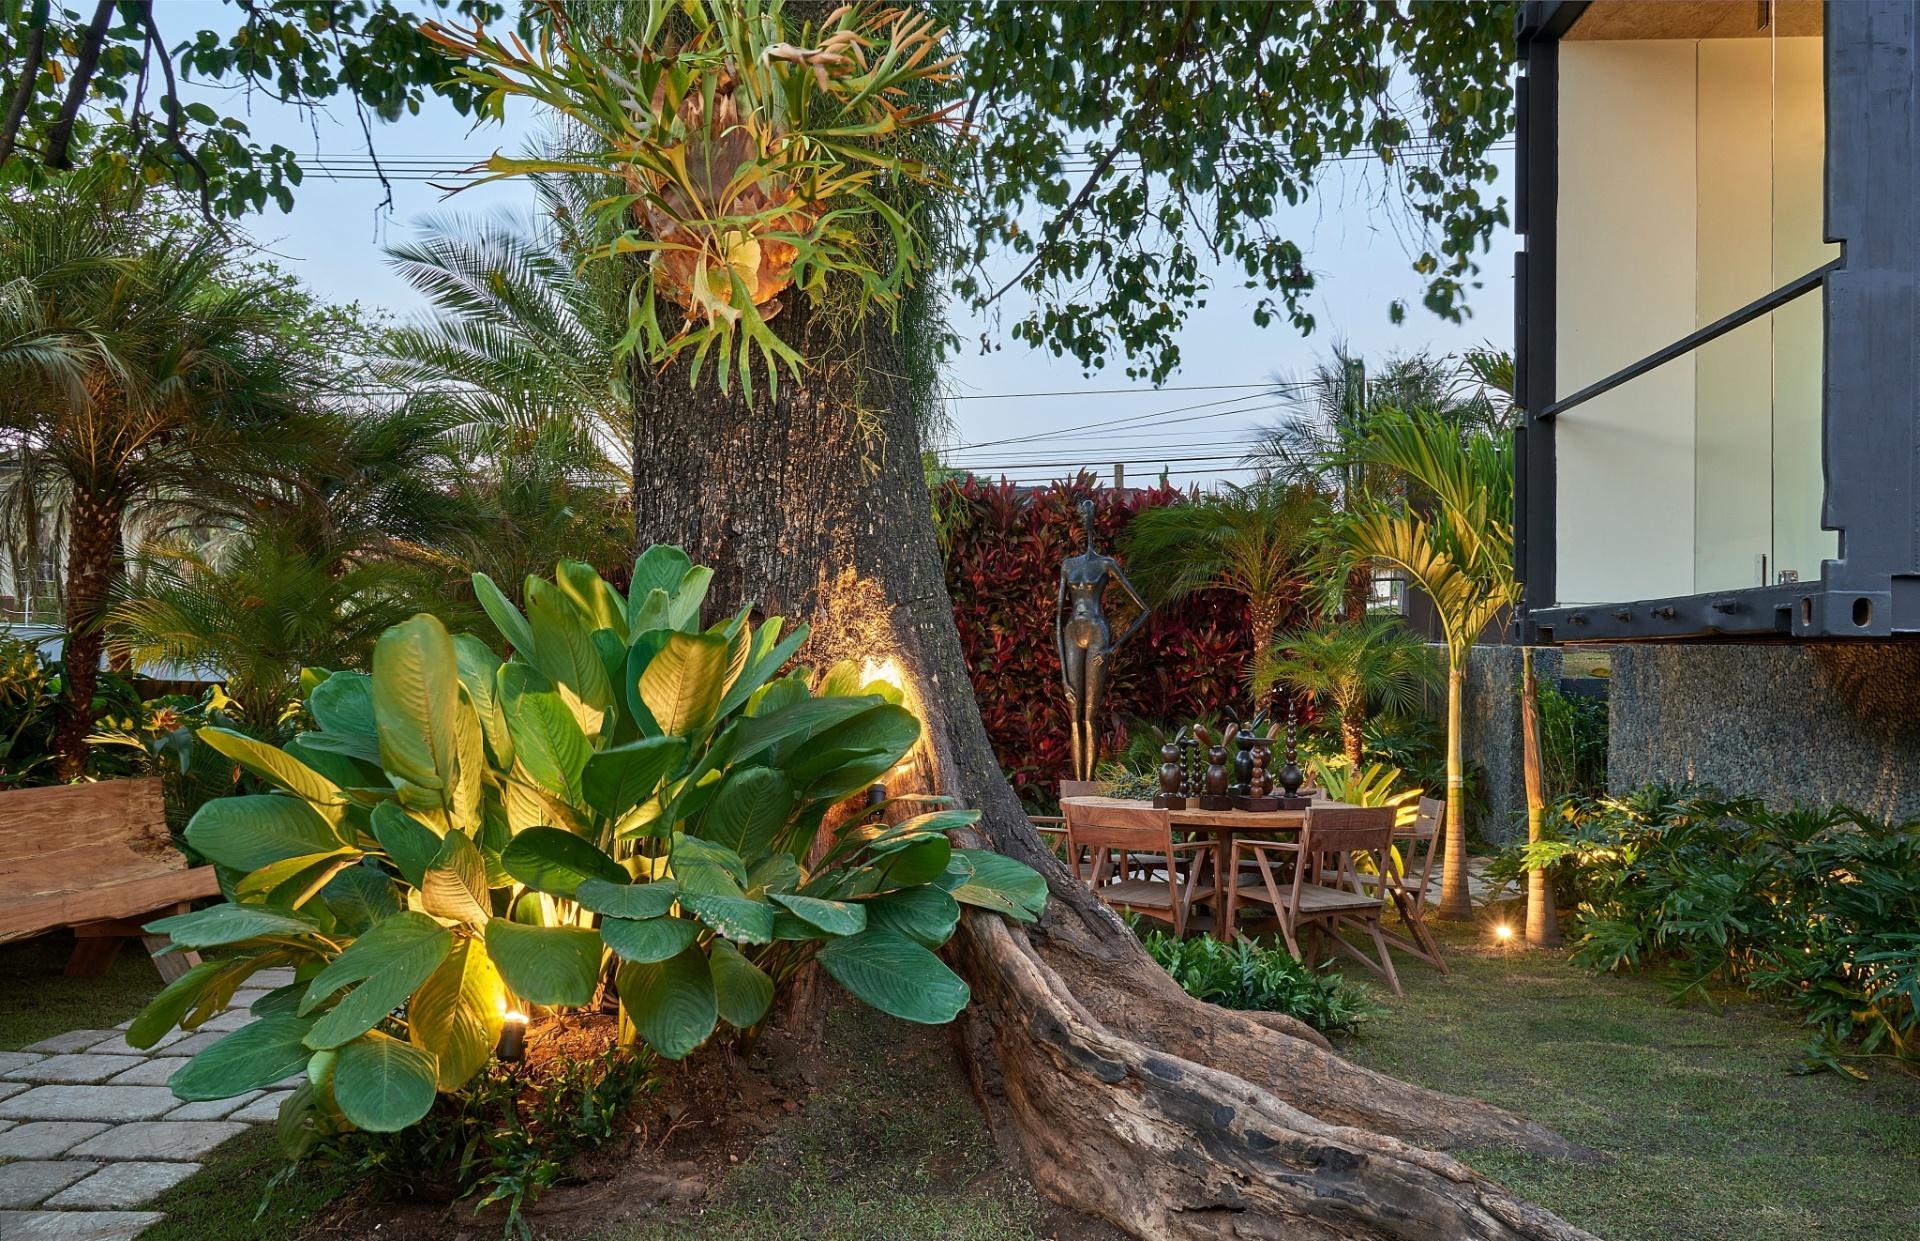 No jardim - Inspire-se no espaço de Droysen Tomich para a Casa Cor Minas: instale pontos de luz estratégicos na sua área verde e destaque as cores e texturas das plantas | A mostra (www.casacor.com.br) fica em cartaz até 6 de outubro de 2015